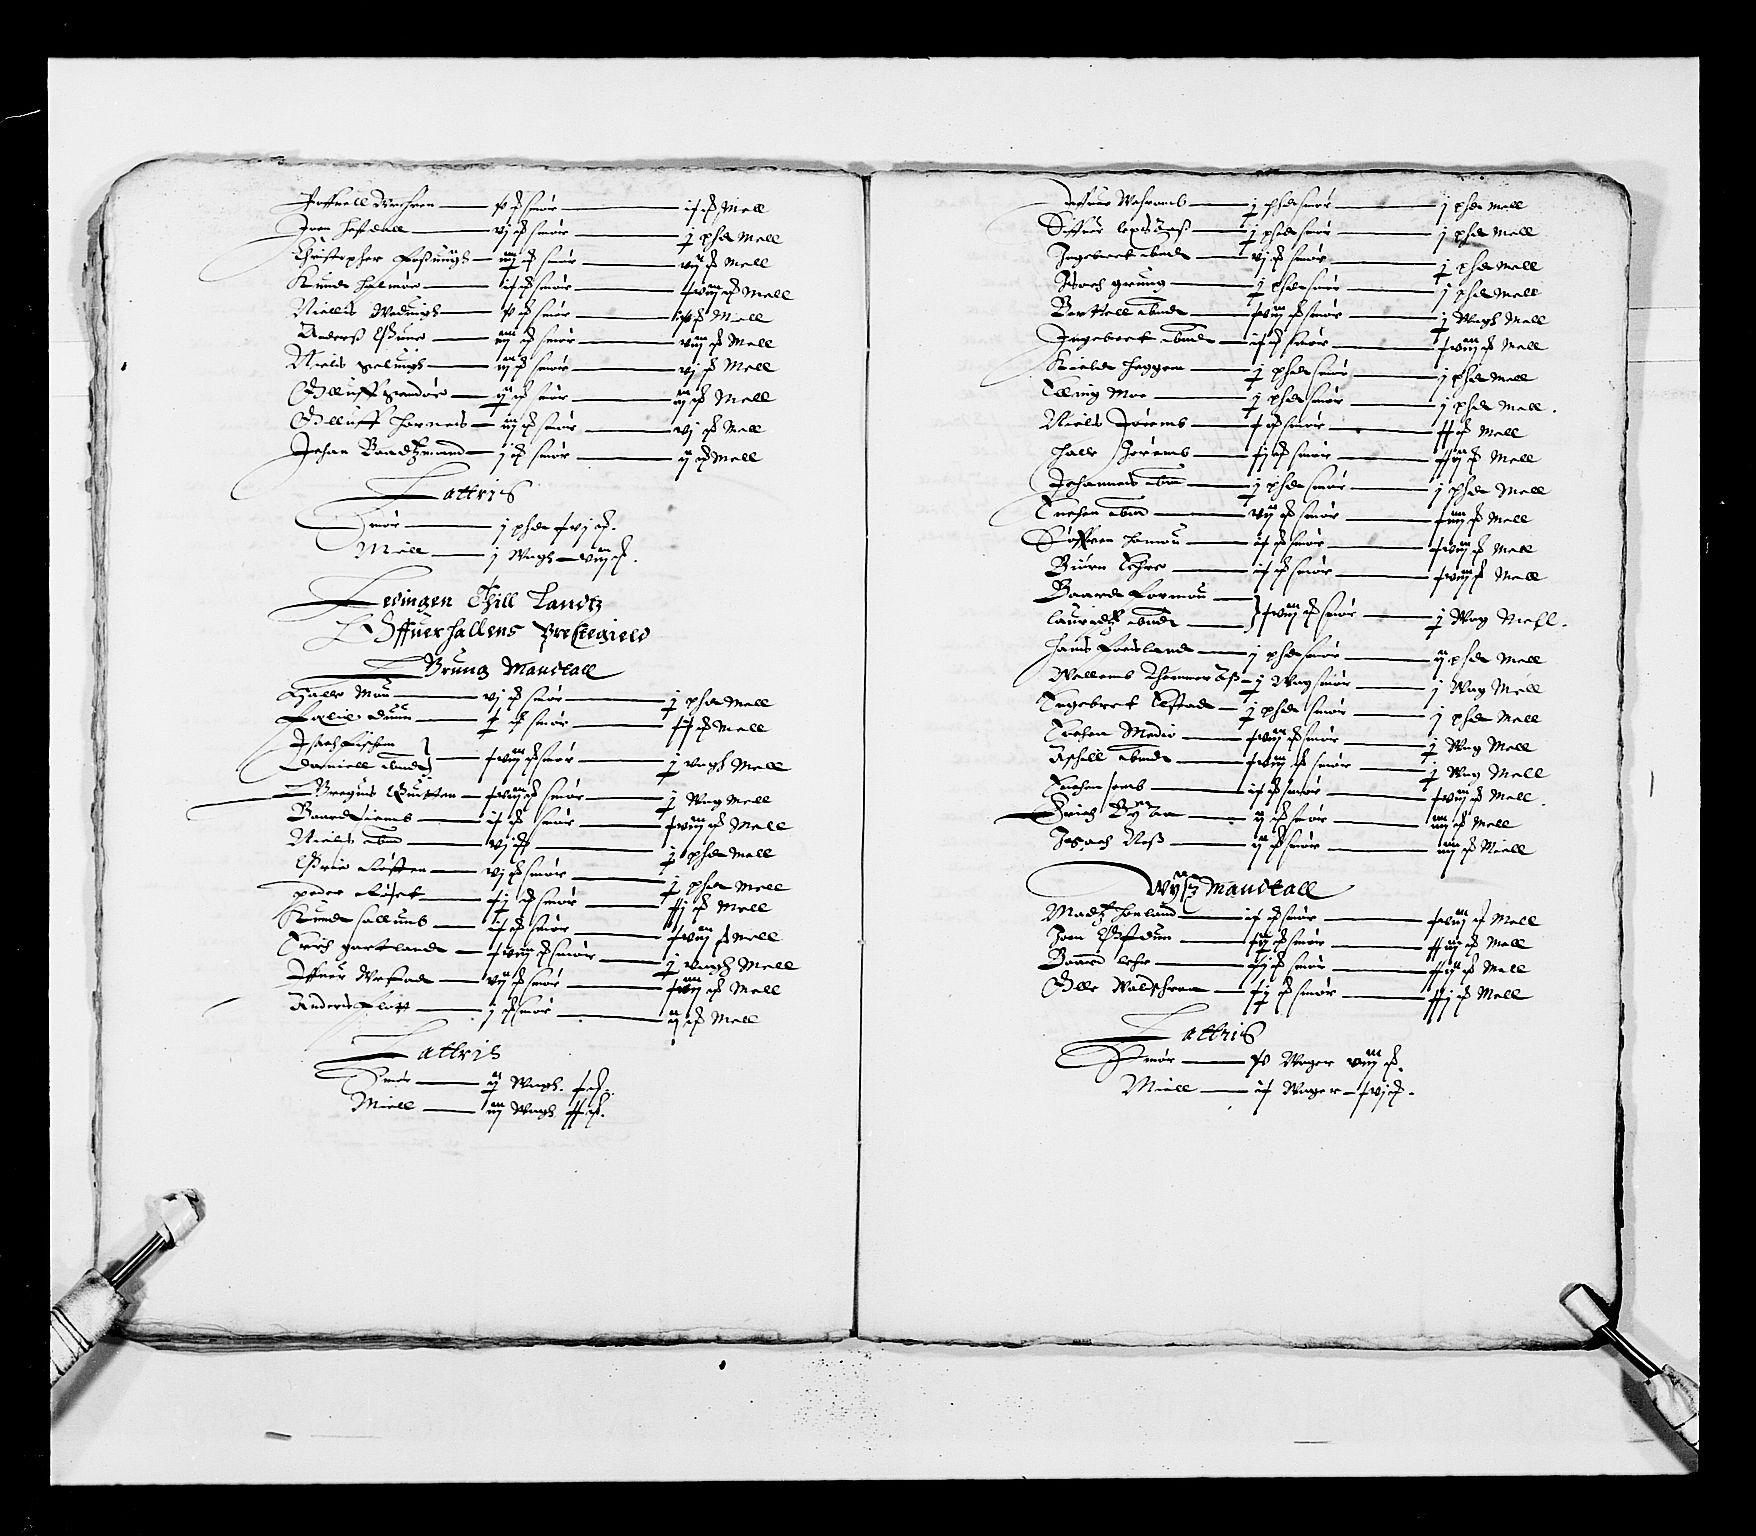 RA, Stattholderembetet 1572-1771, Ek/L0028: Jordebøker 1633-1658:, 1645-1646, s. 90